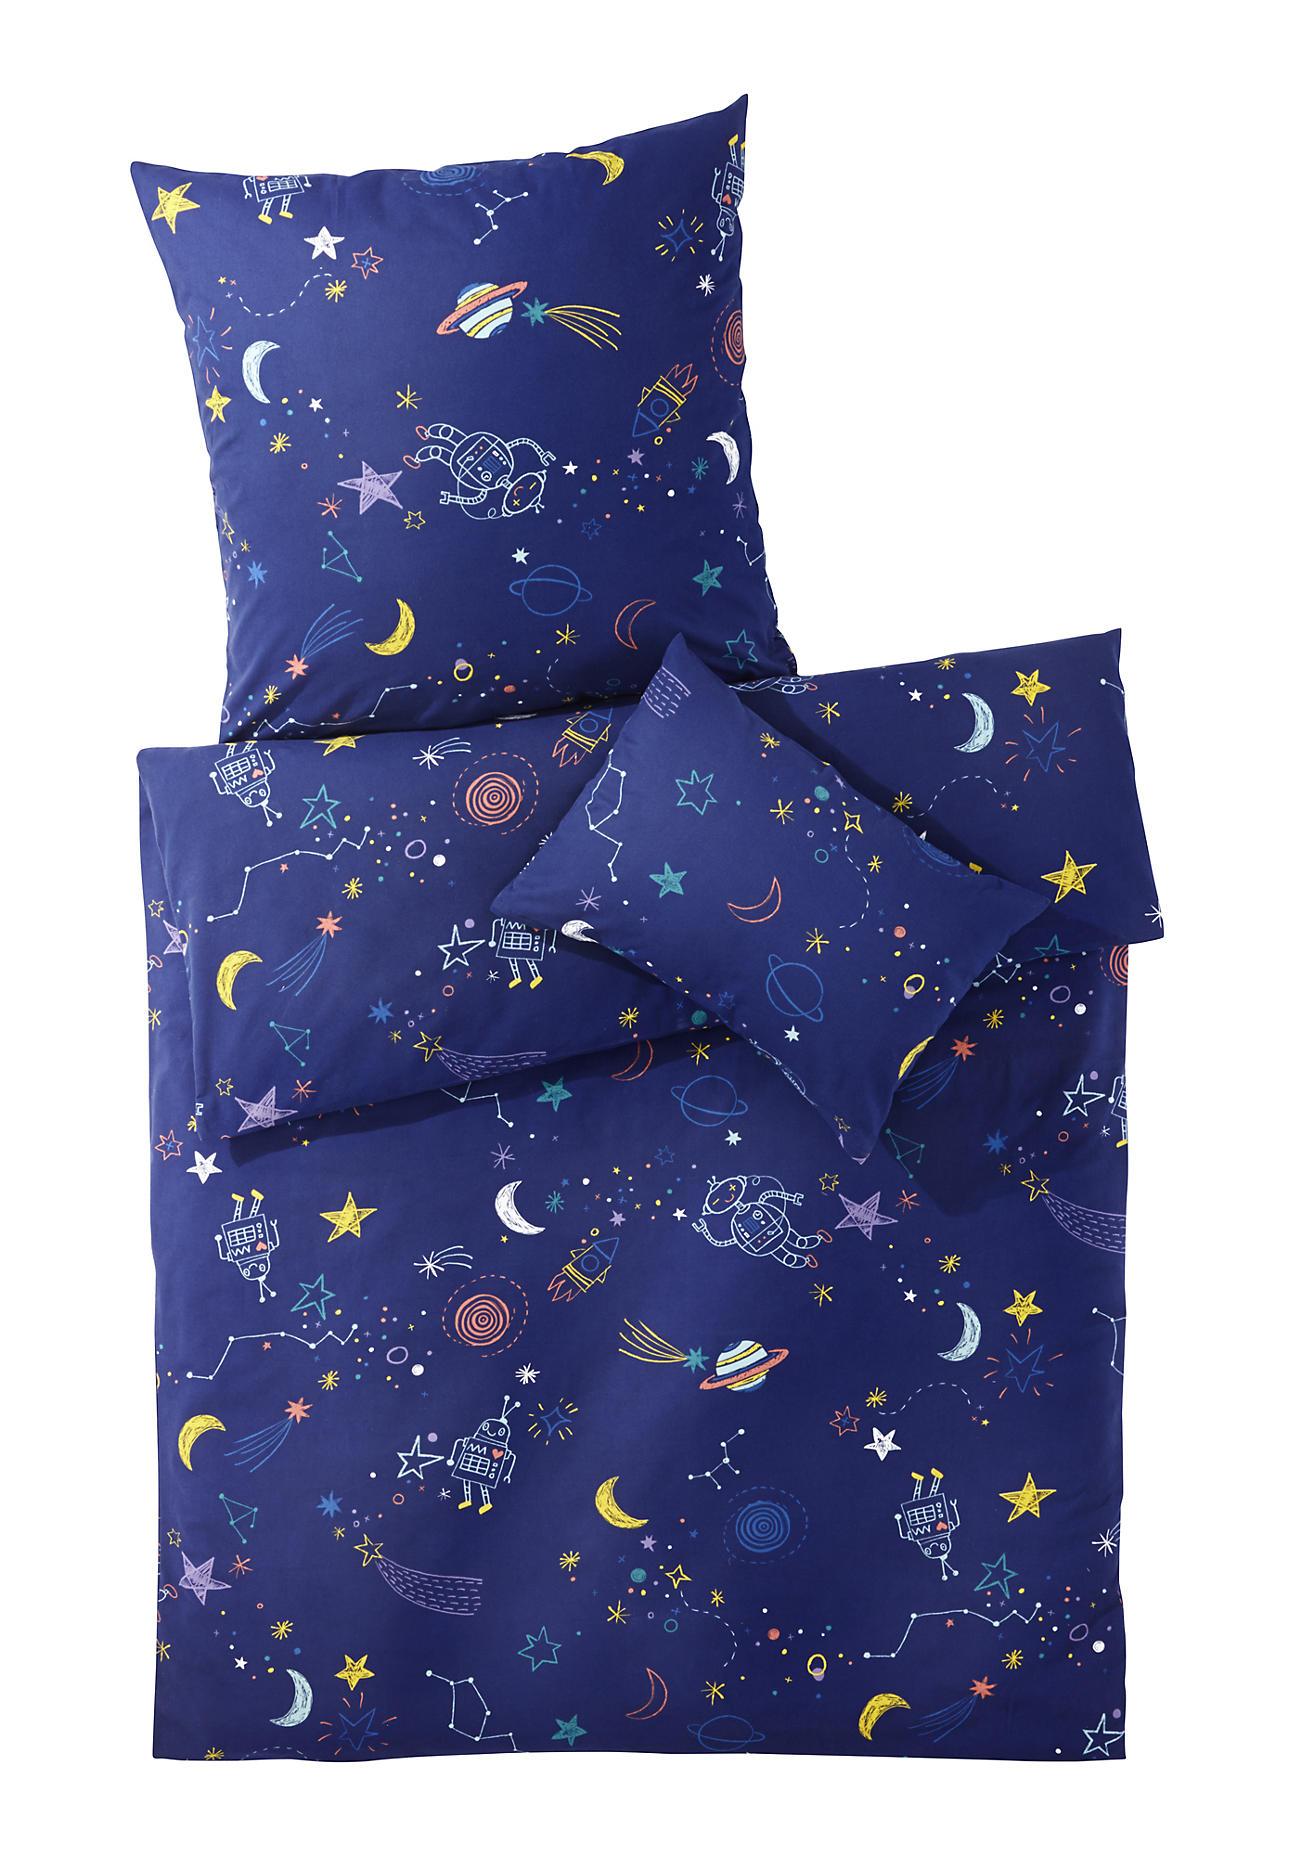 Image of hessnatur Baby Biber-Bettwäsche aus Bio-Baumwolle – blau – Größe 100x135 / 40x60 cm